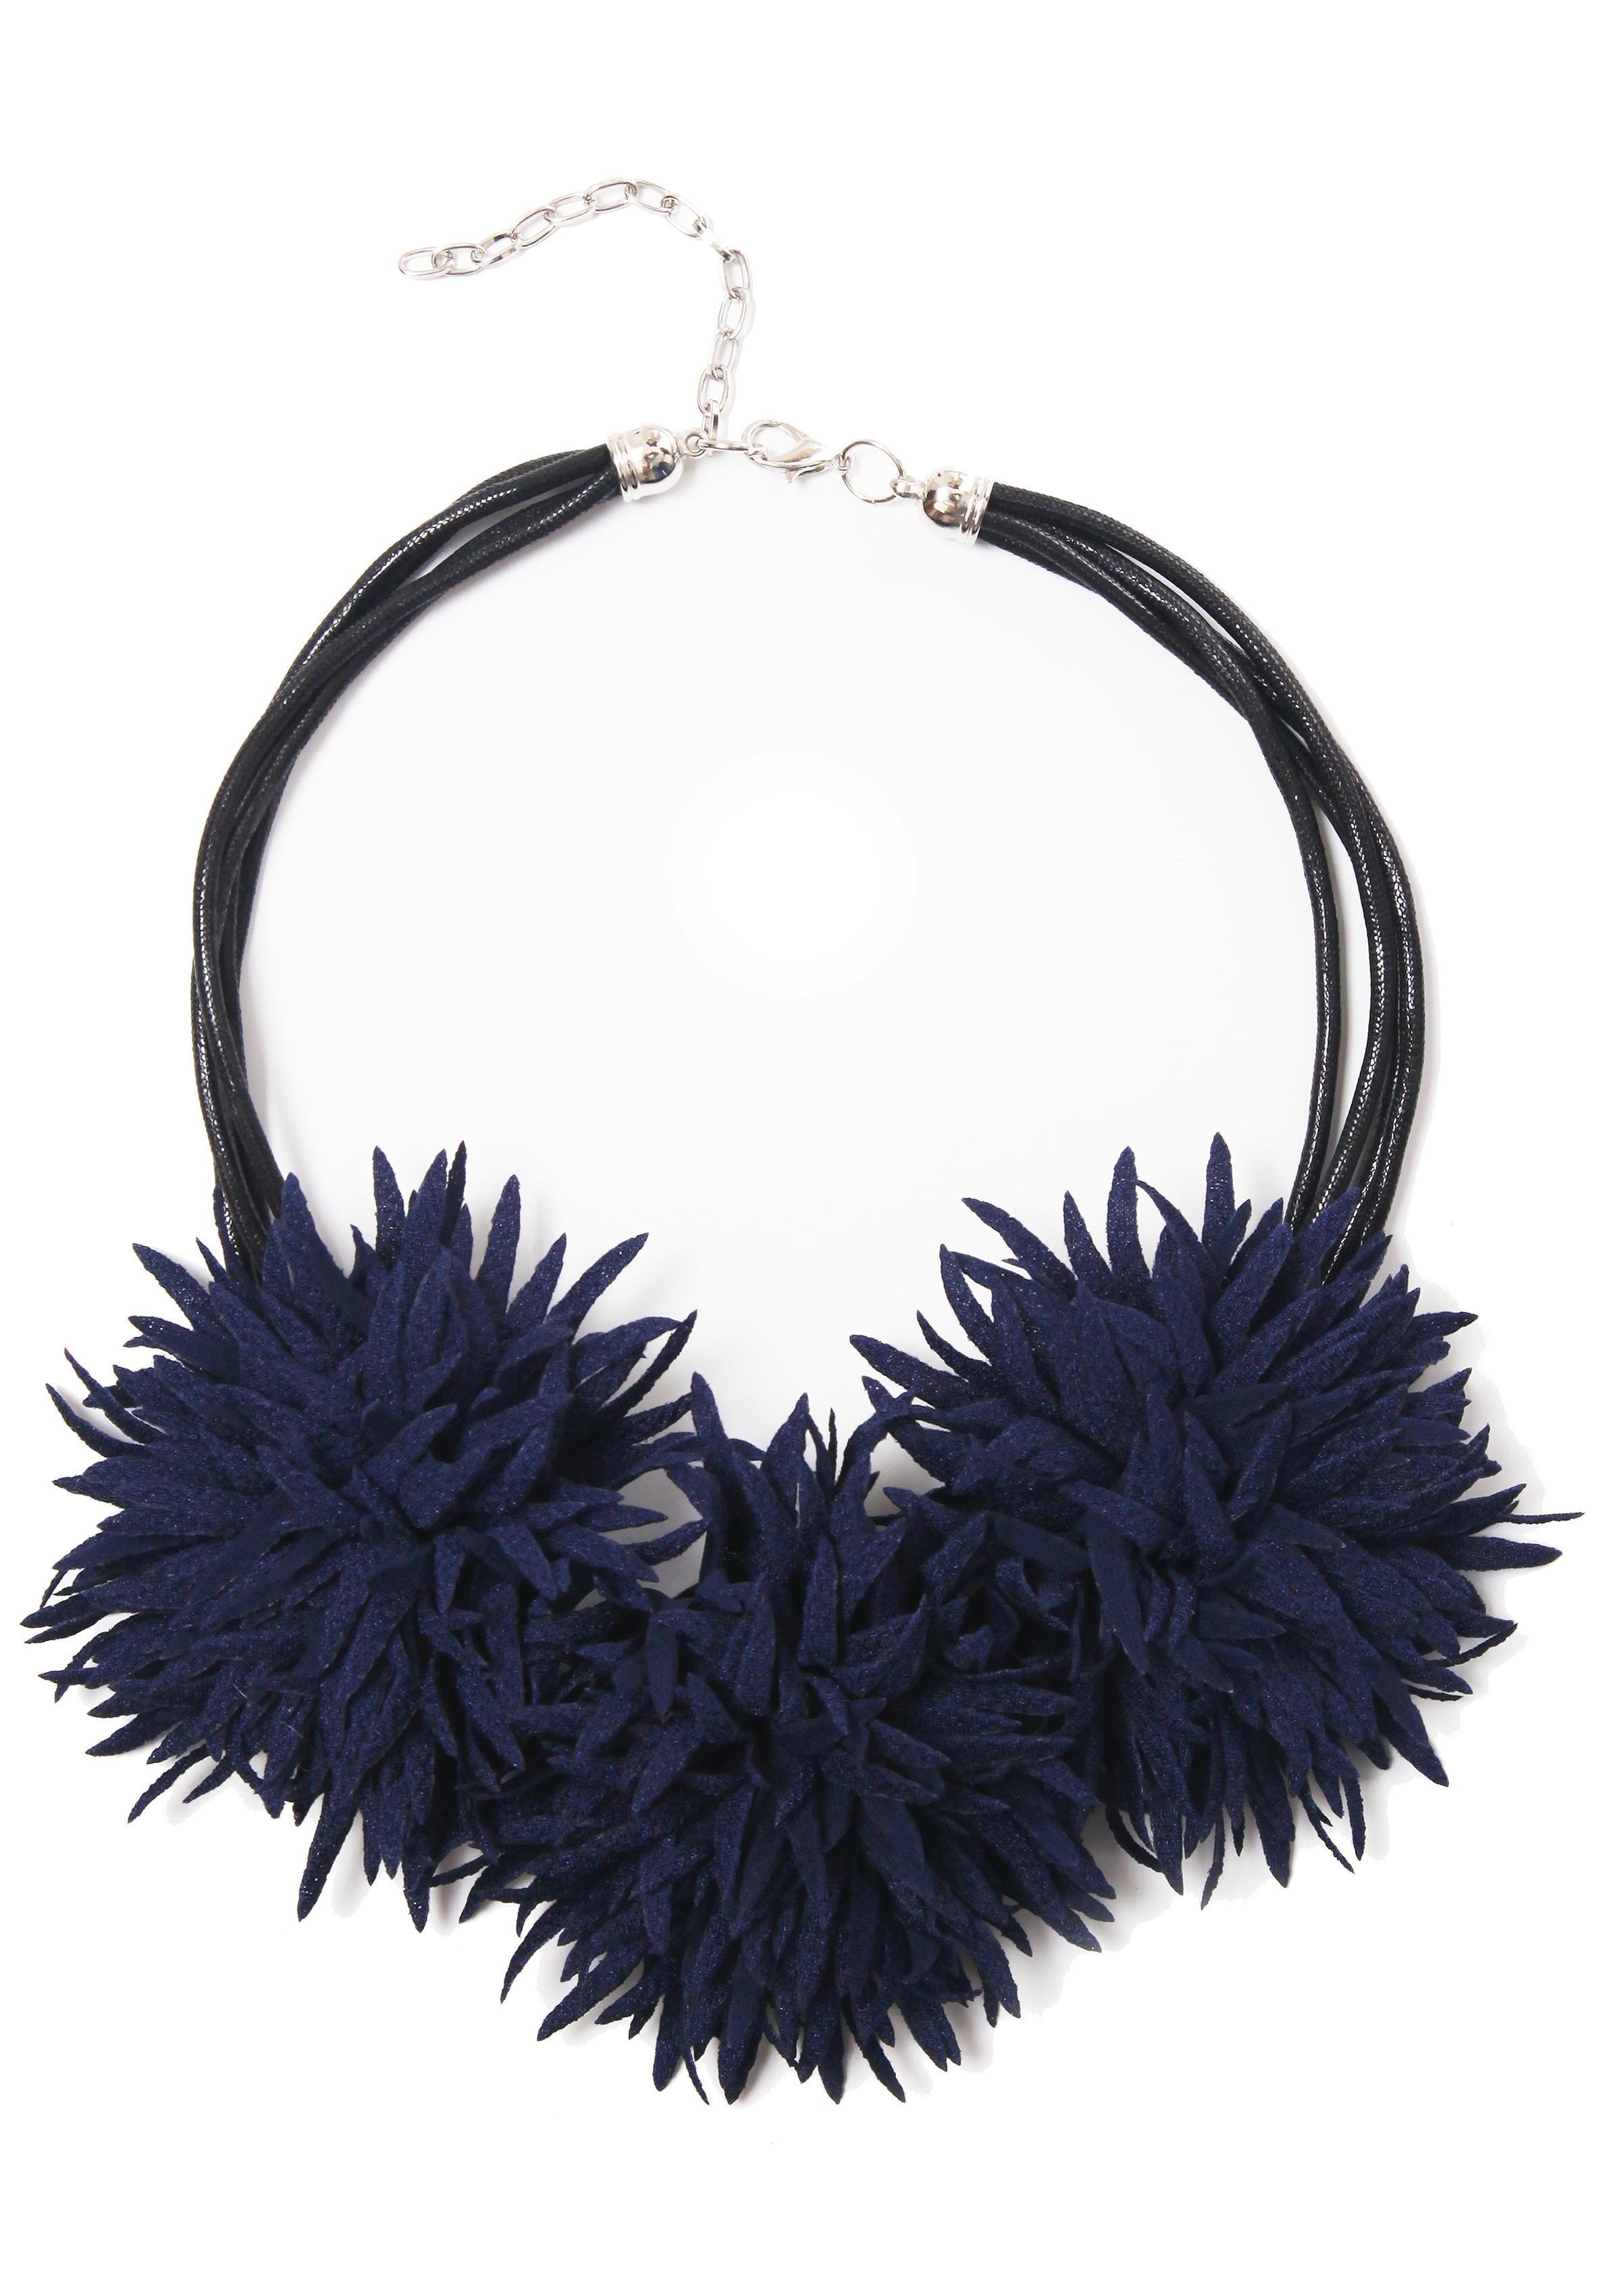 COLLEZIONE ALESSANDRO ketting met hanger Stofbloemen, C2405-F18 voordelig en veilig online kopen